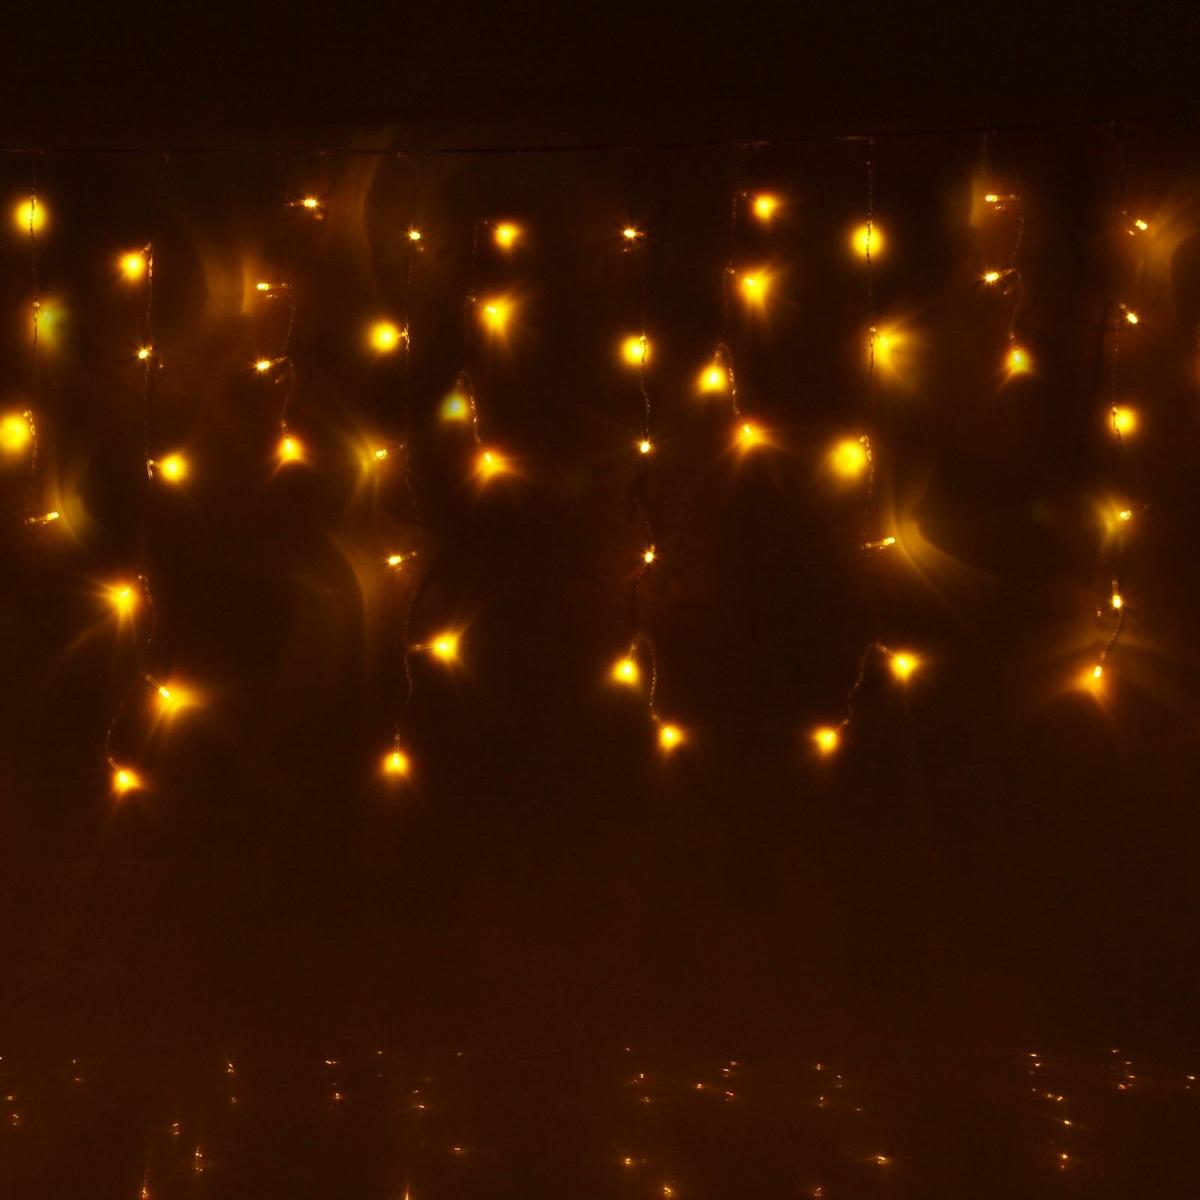 Гирлянда светодиодная Luazon Бахрома, уличная, 8 режимов, 60 ламп, 220V, цвет: желтый, 1 х 0,6 м. 187249187249Светодиодные гирлянды, ленты и т.д — это отличный вариант для новогоднего оформления интерьера или фасада. С их помощью помещение любого размера можно превратить в праздничный зал, а внешние элементы зданий, украшенные ими, мгновенно станут напоминать очертания сказочного дворца. Такие украшения создают ауру предвкушения чуда. Деревья, фасады, витрины, окна и арки будто специально созданы, чтобы вы украсили их светящимися нитями.